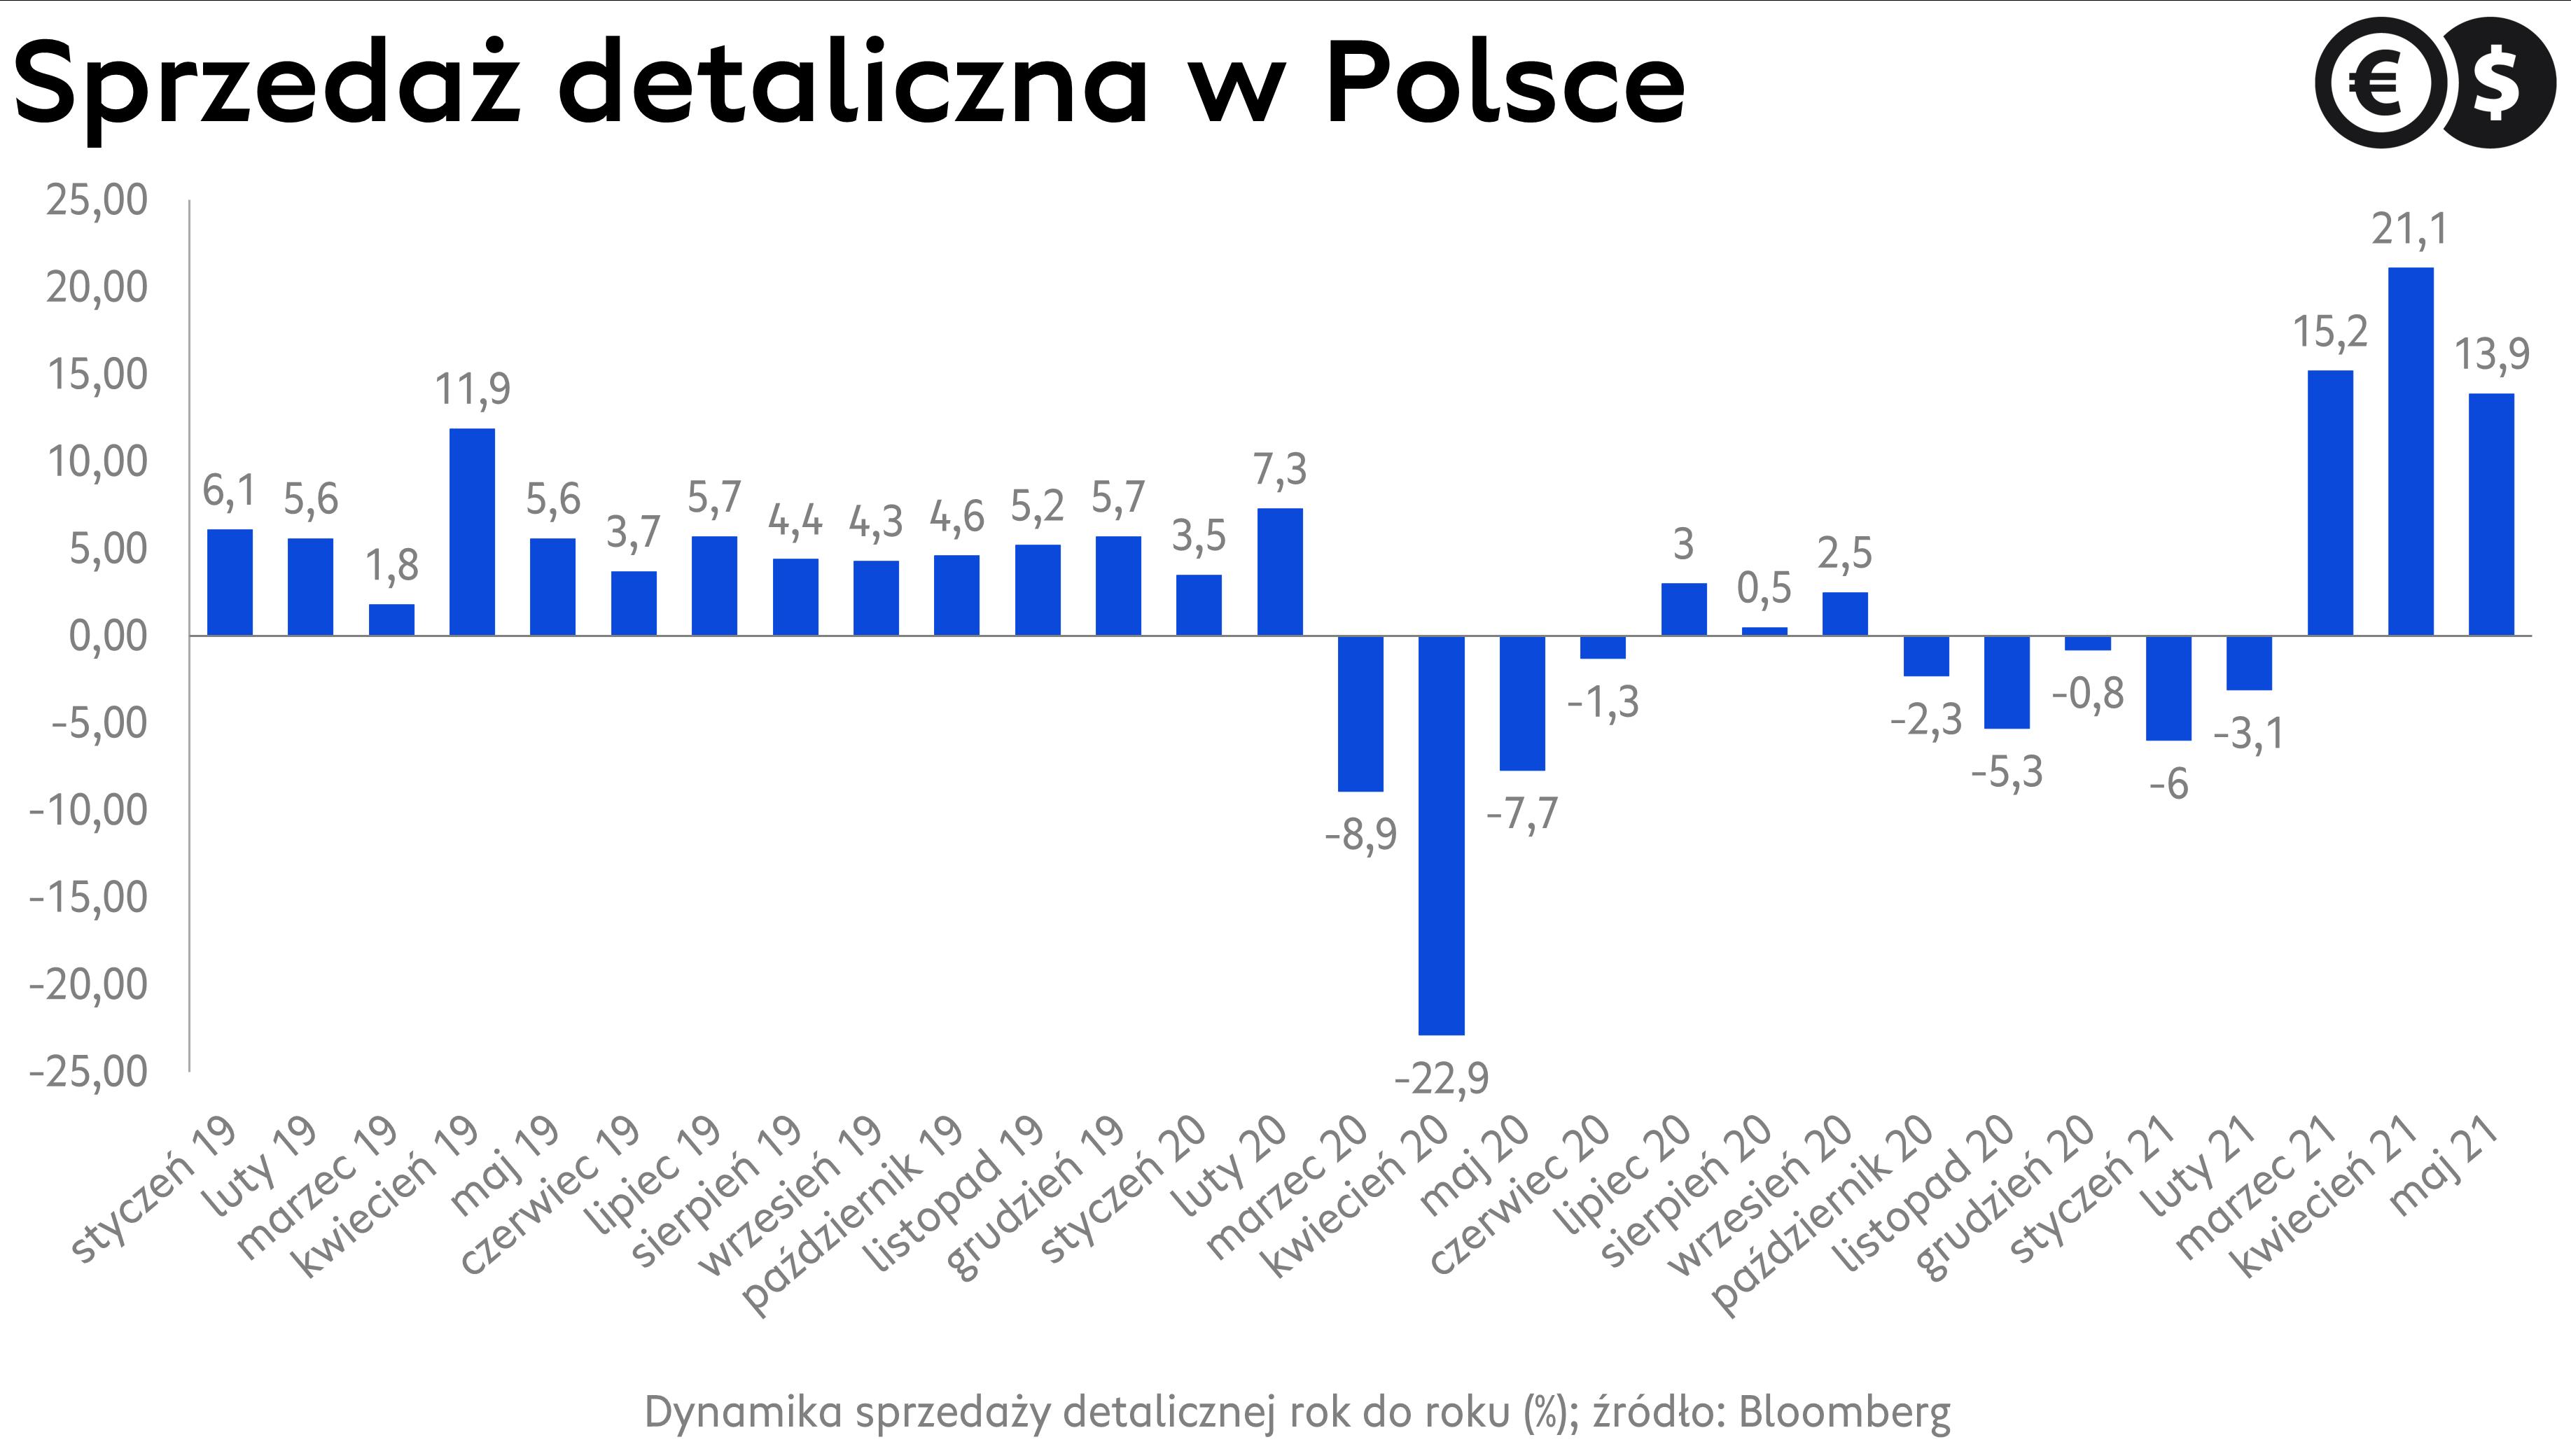 Sprzedaż detaliczna w Polsce, dynamika r/r; źródło: Bloomberg